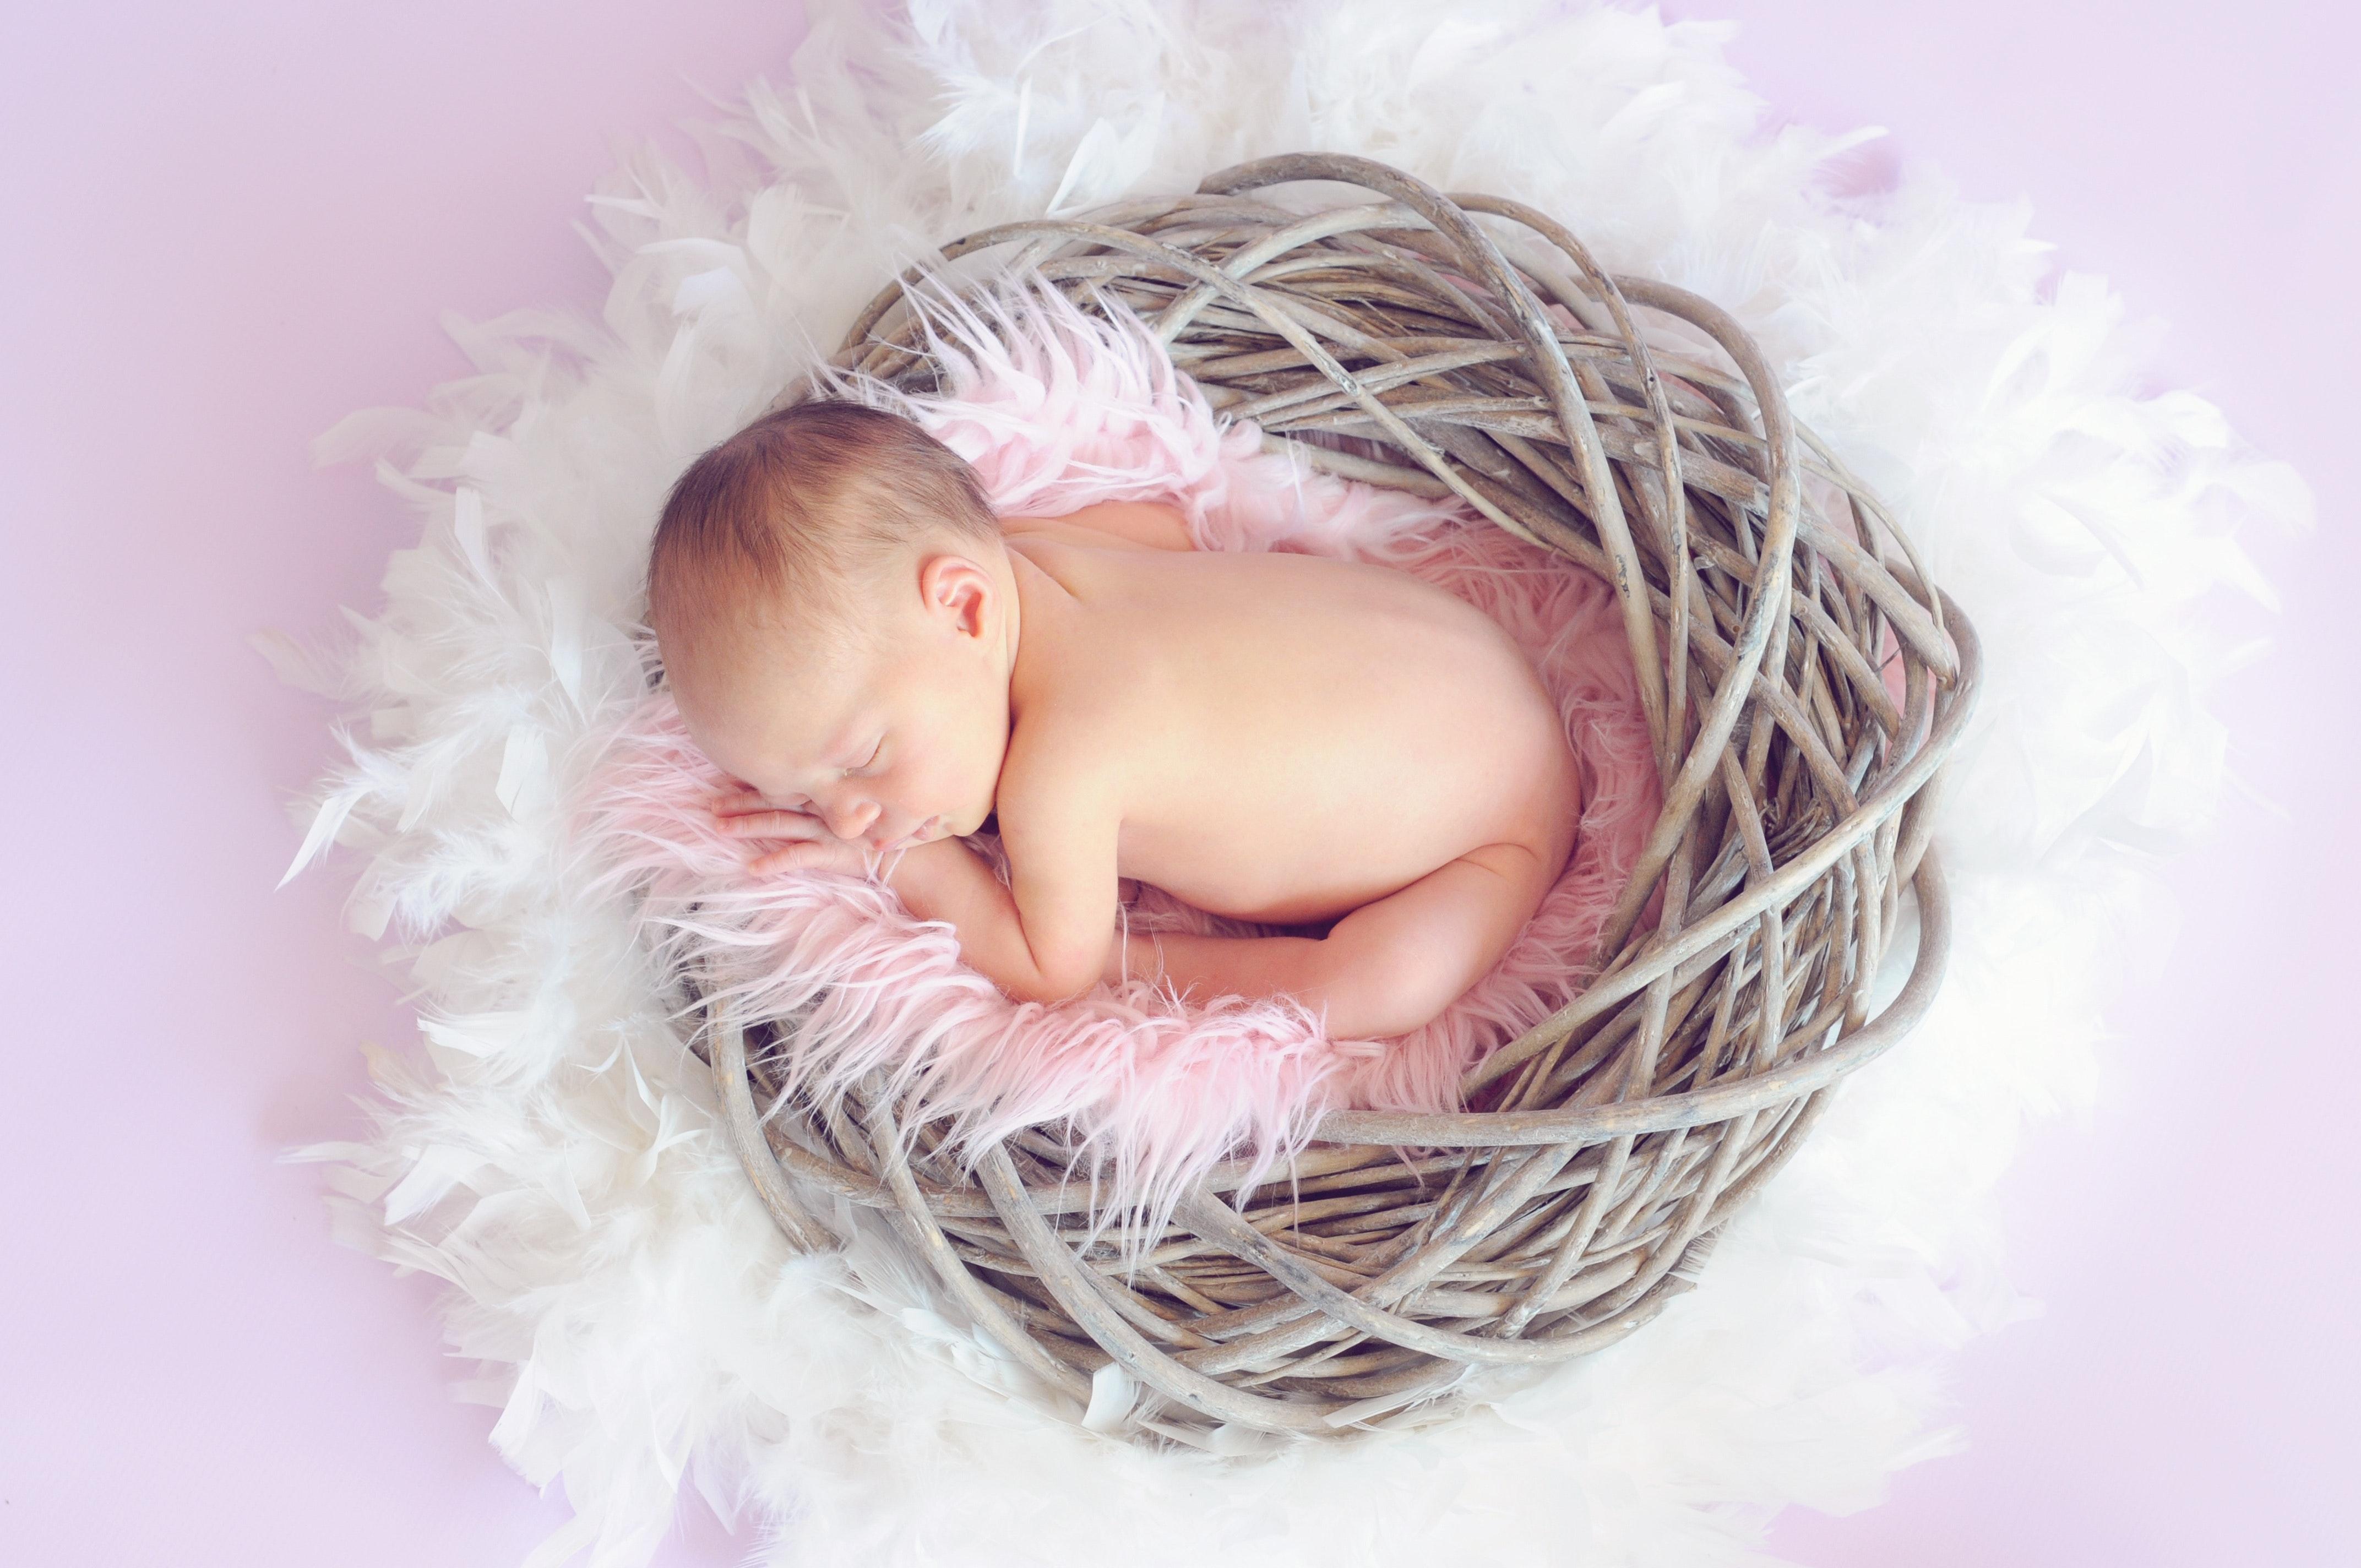 Foto Stok Gratis Tentang Anak Baru Lahir Bayi